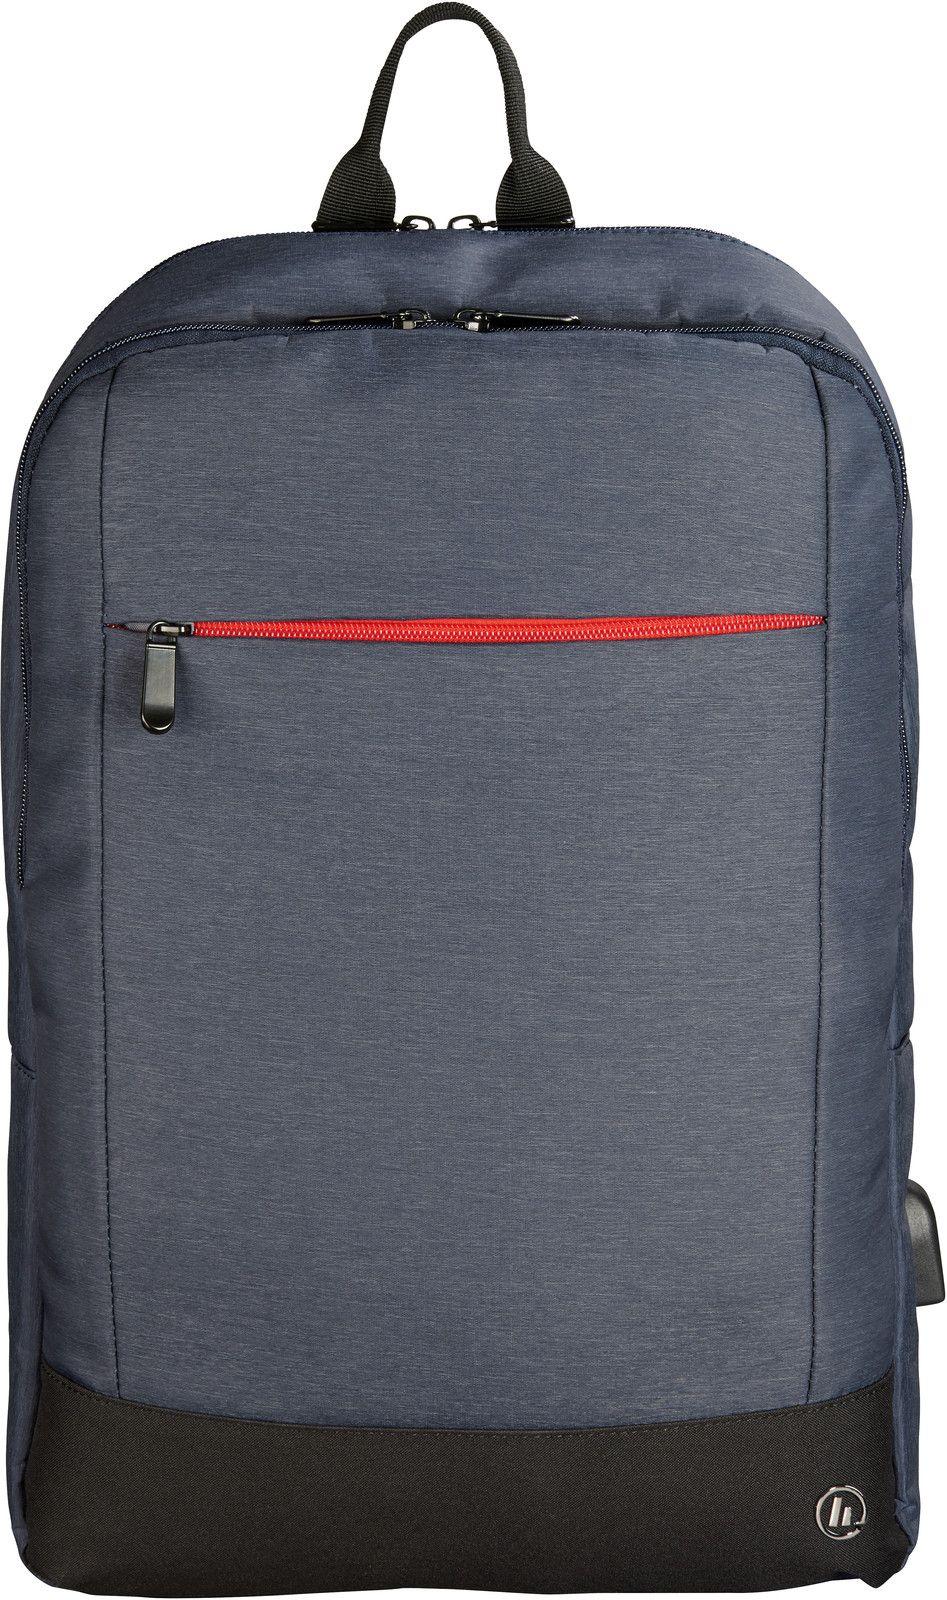 """Hama Manchester Ryggsäck med USB-uttag (15"""") - Blå"""